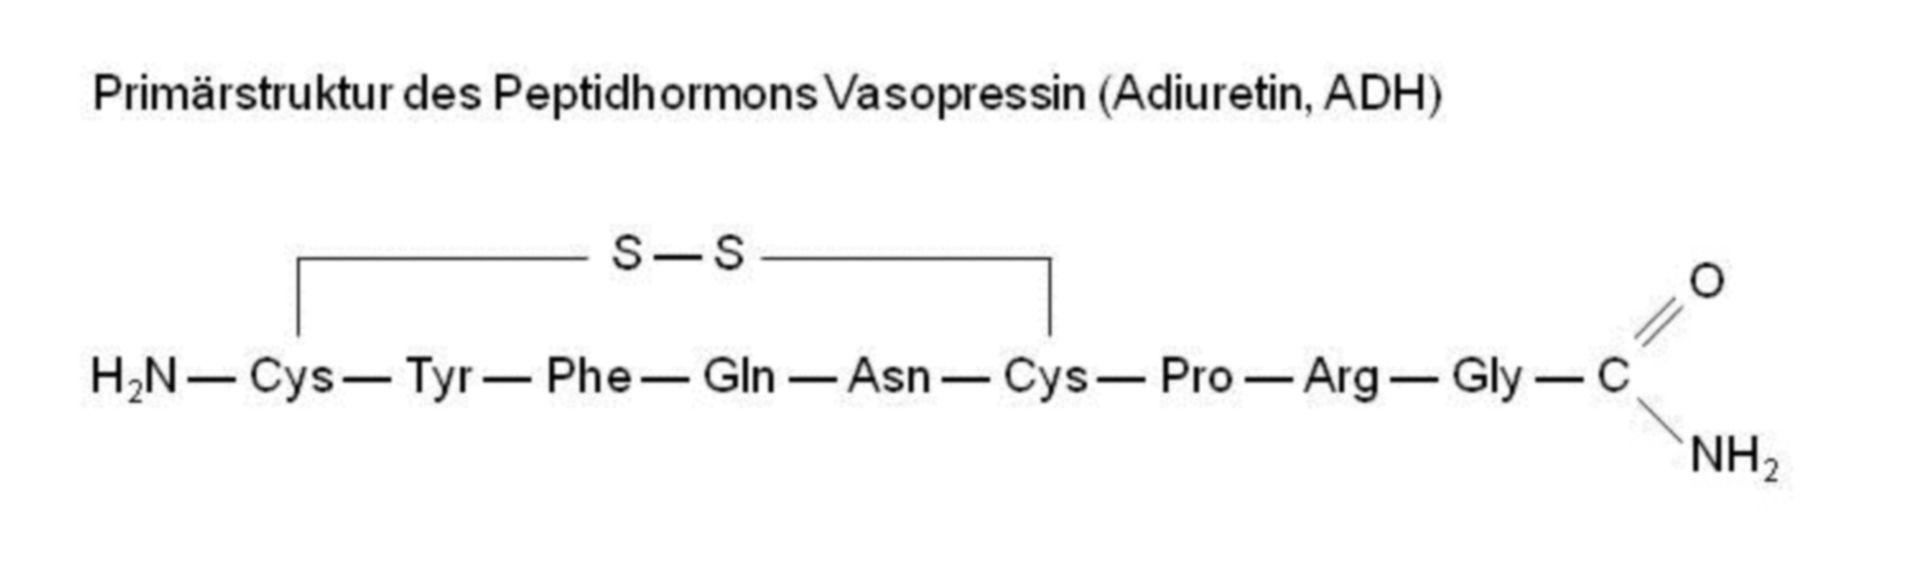 Struttura primaria - ormone peptidico vasopressina